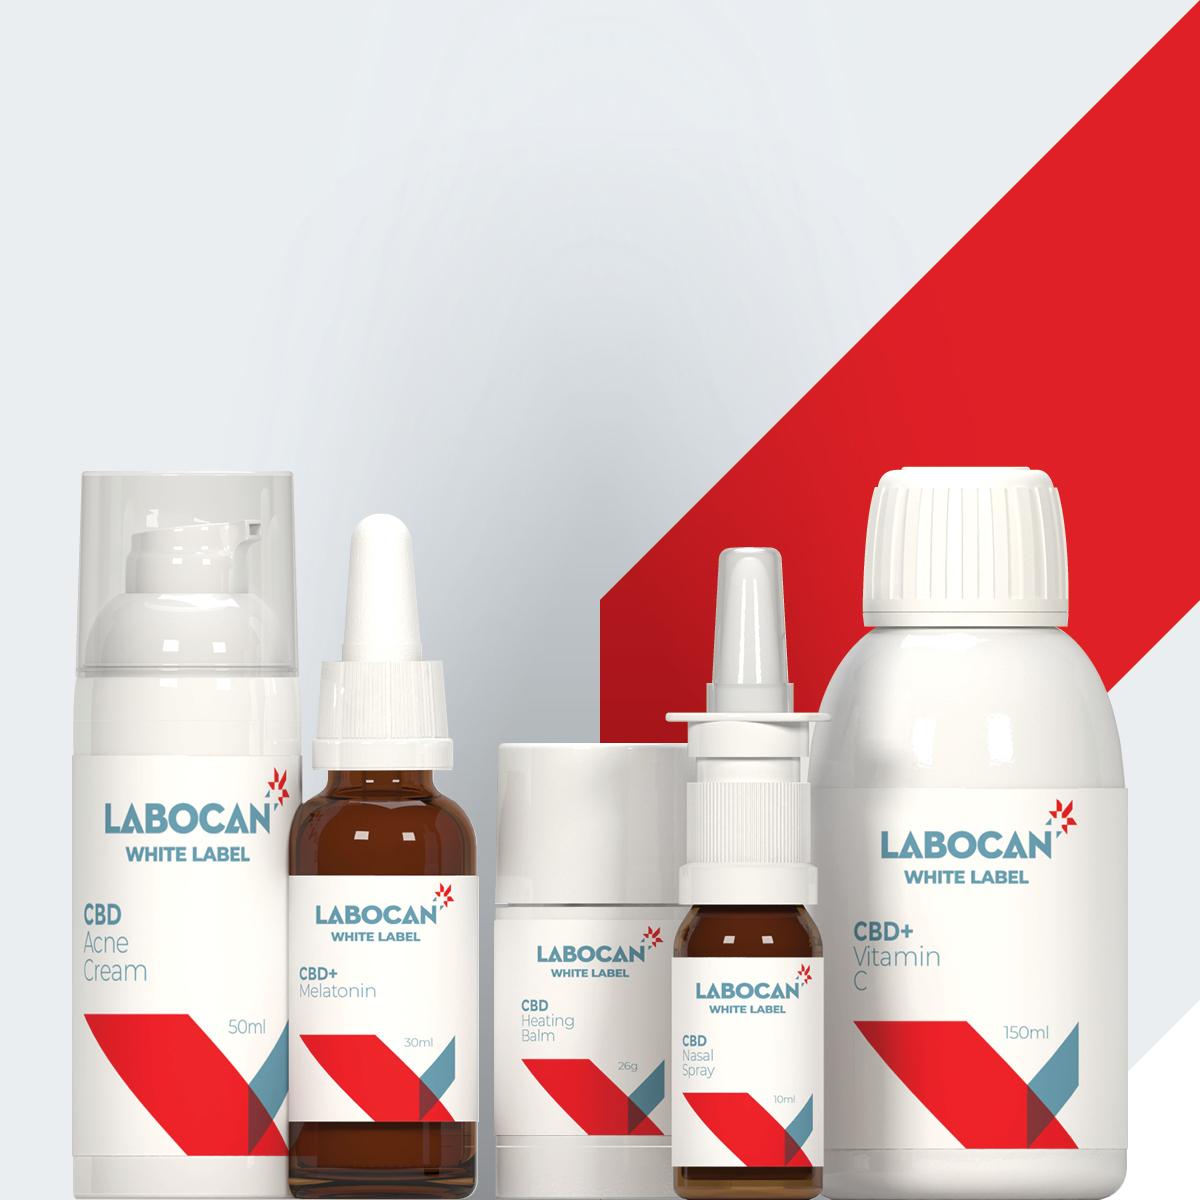 White-Label-CBD-Produkte von Labocan